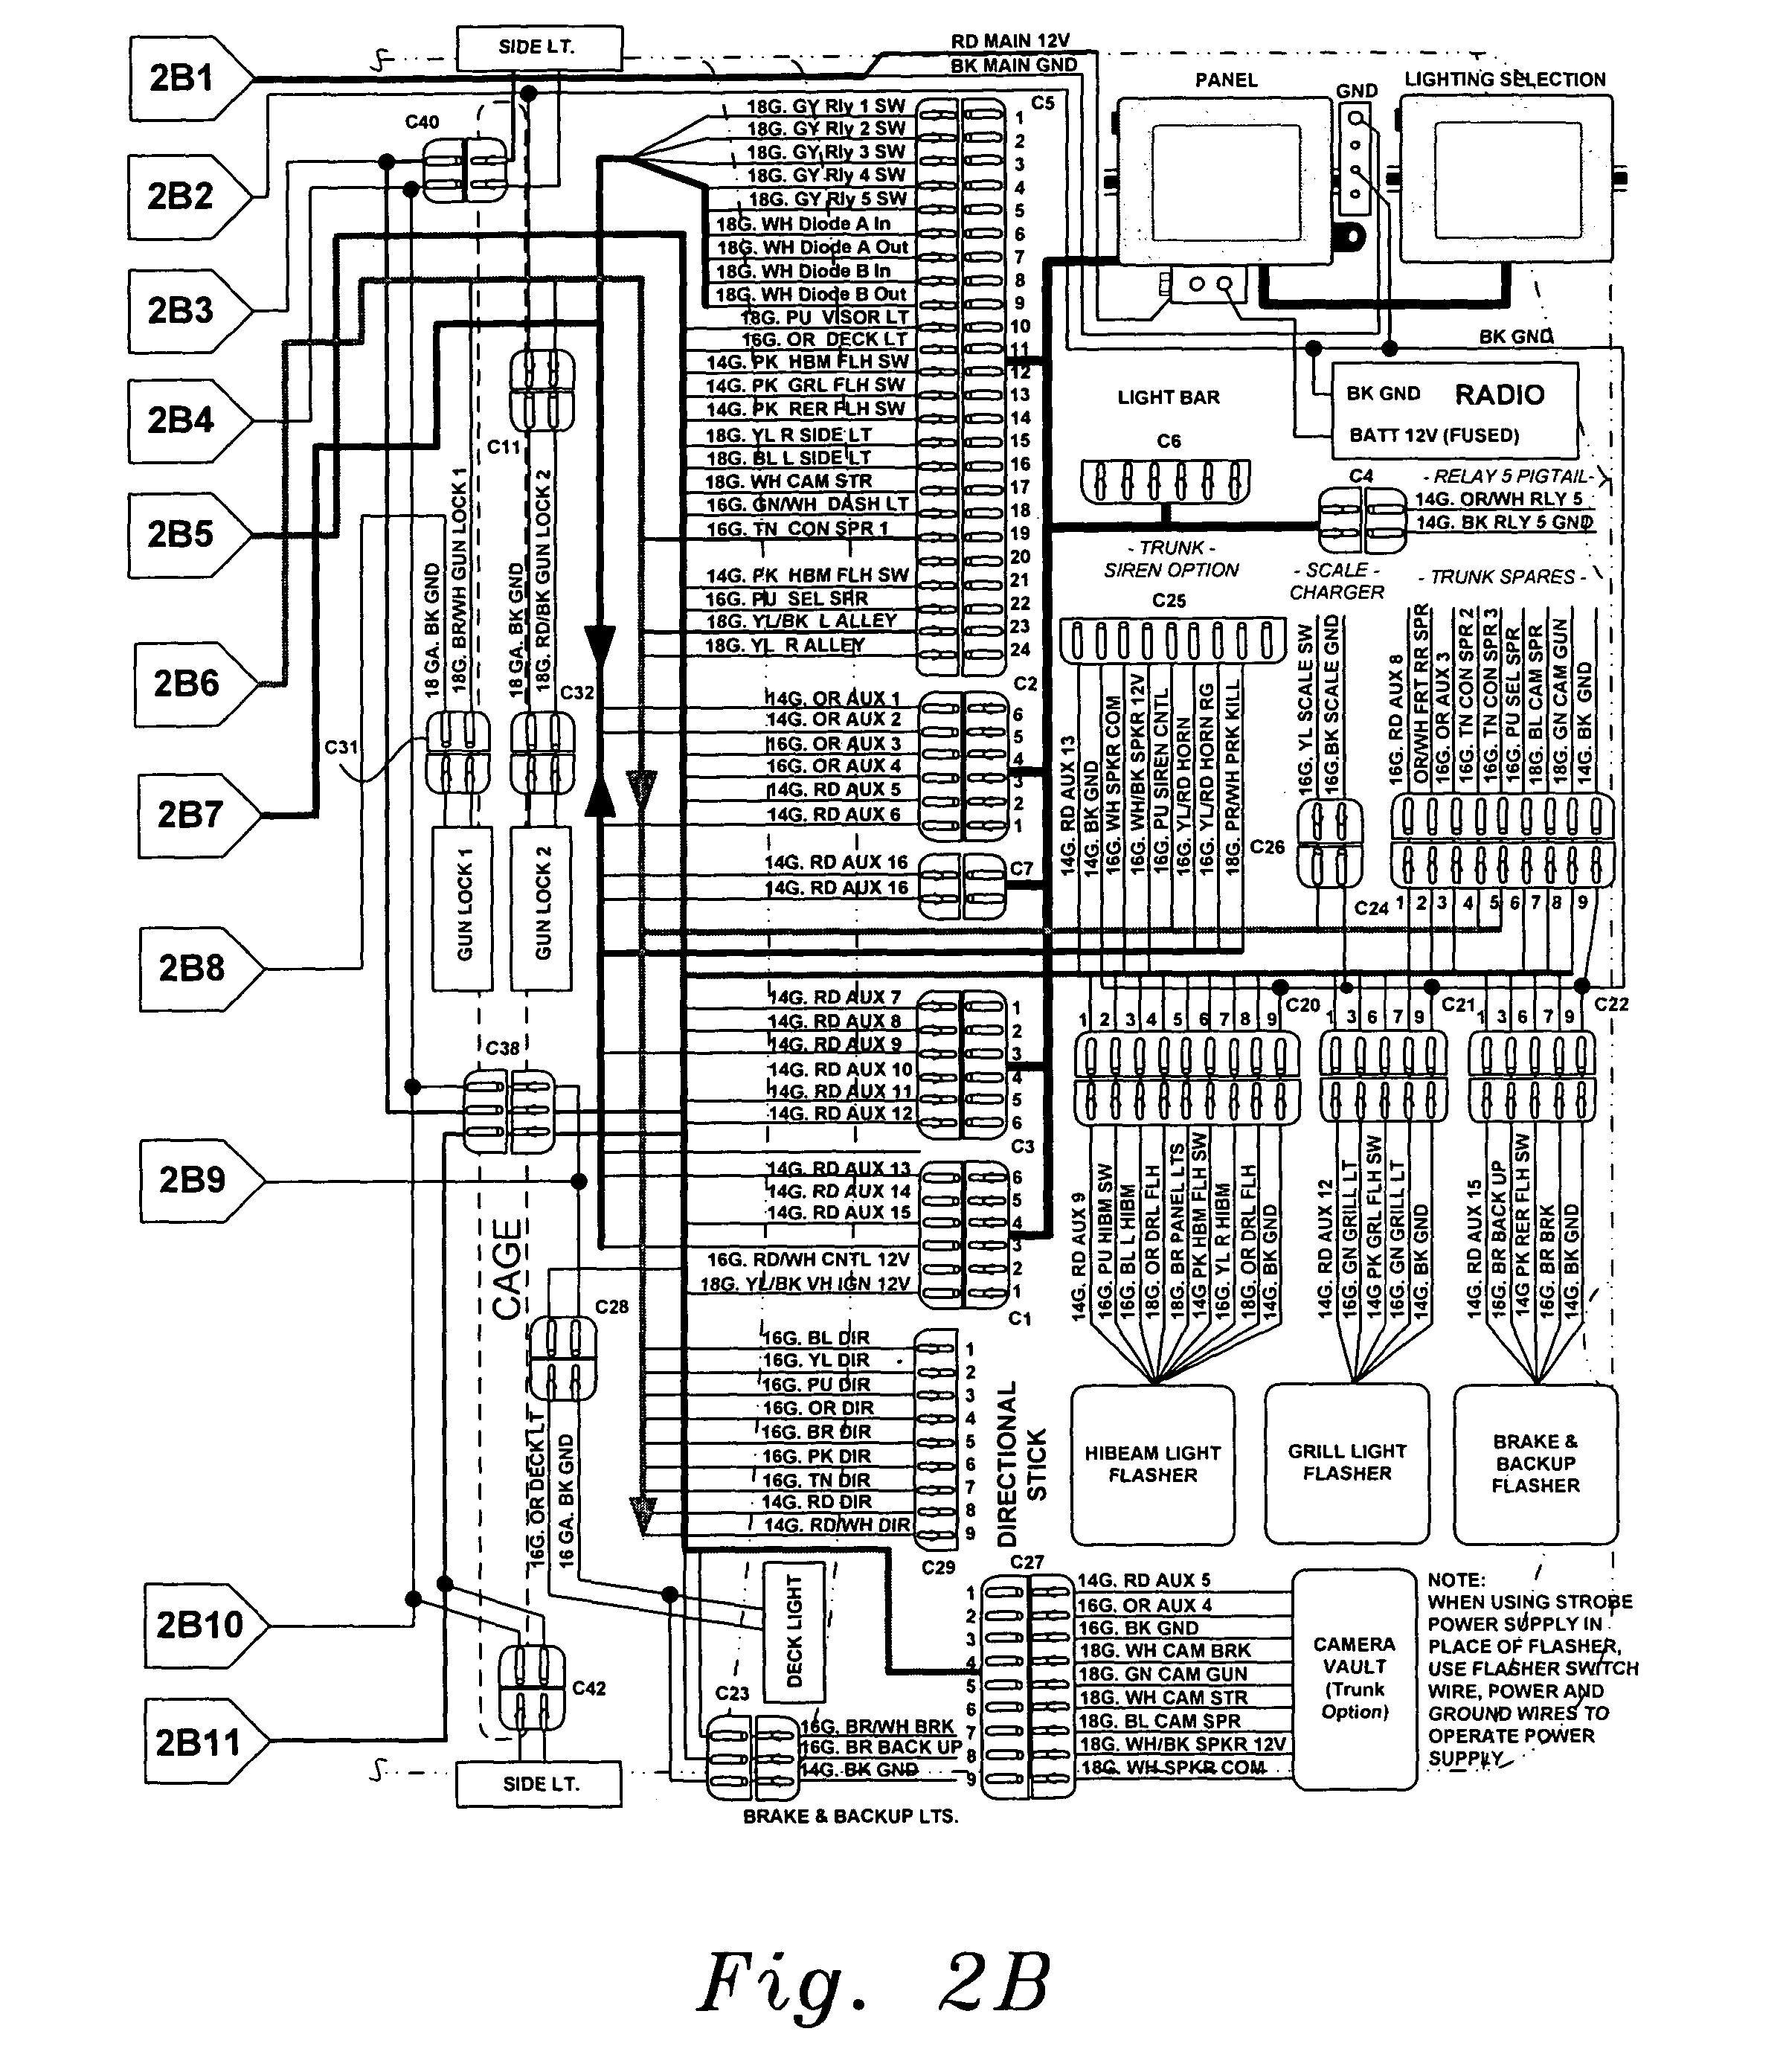 Whelen Light Bar Wiring Diagram on